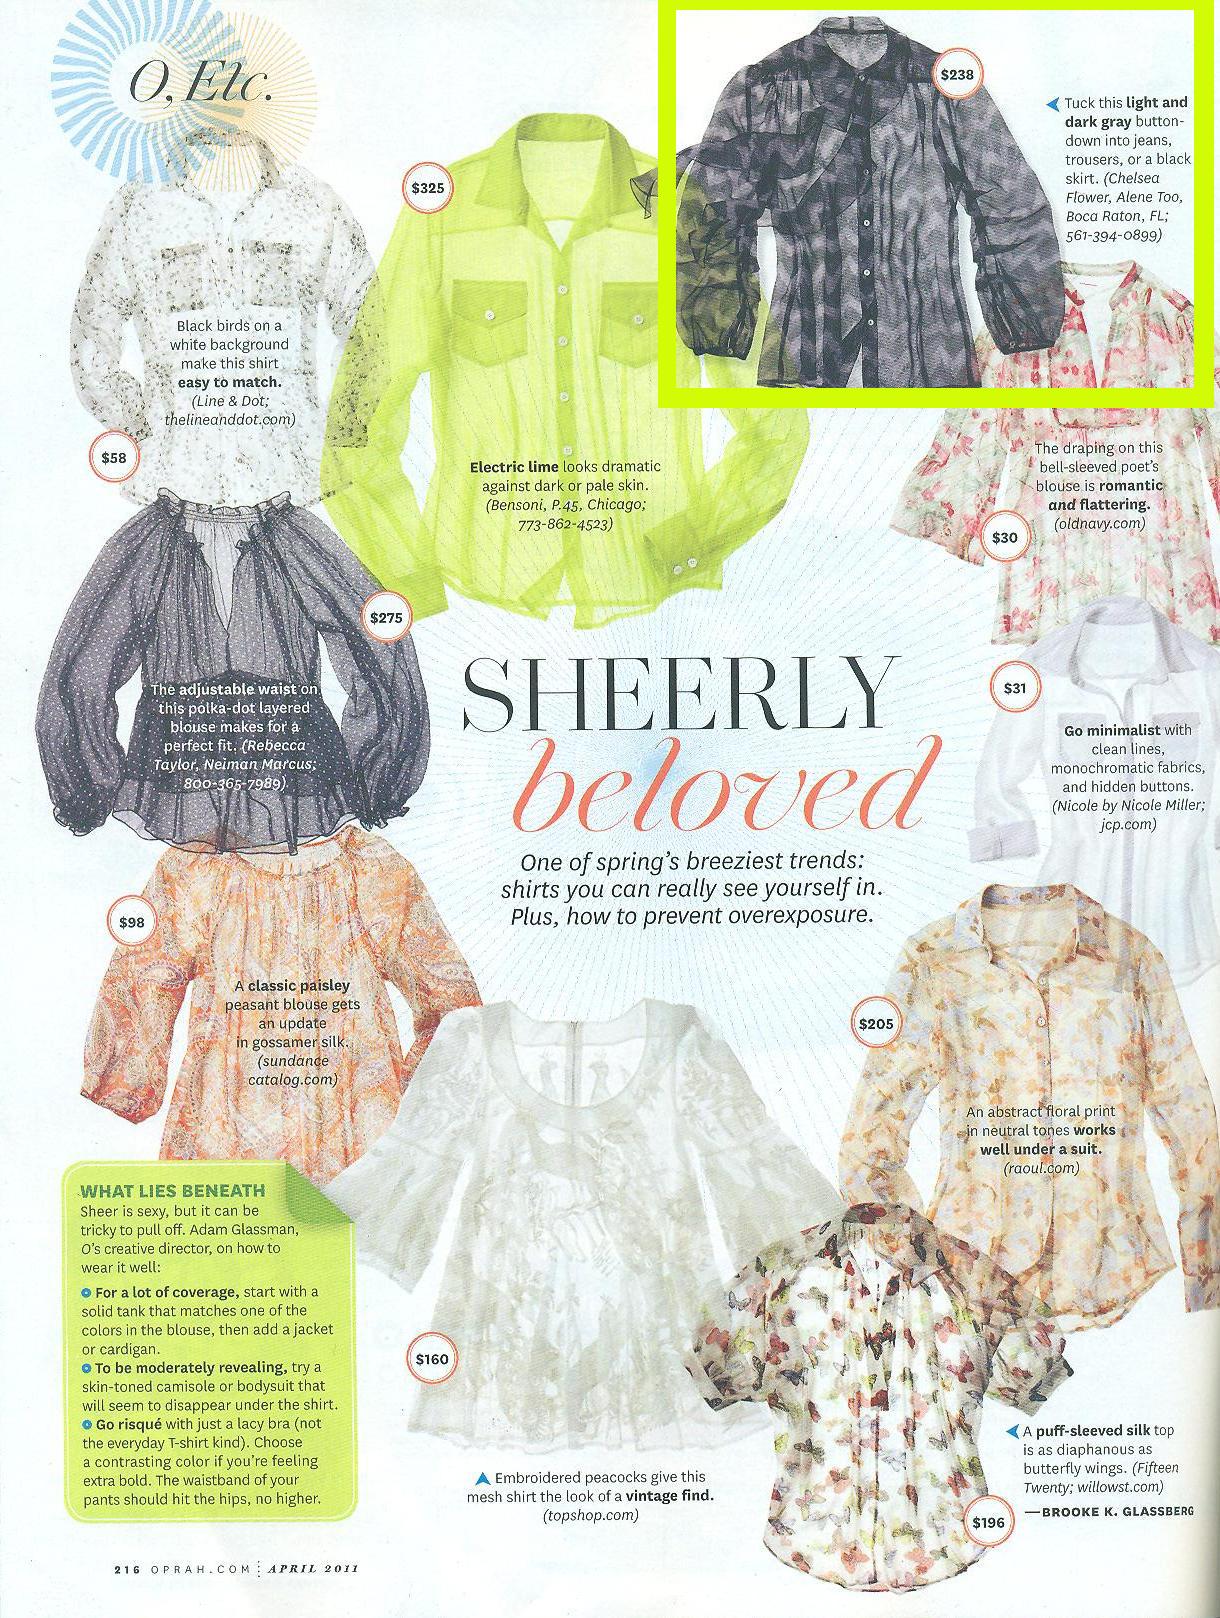 O The Oprah Mag April 2011 Article (2).jpg